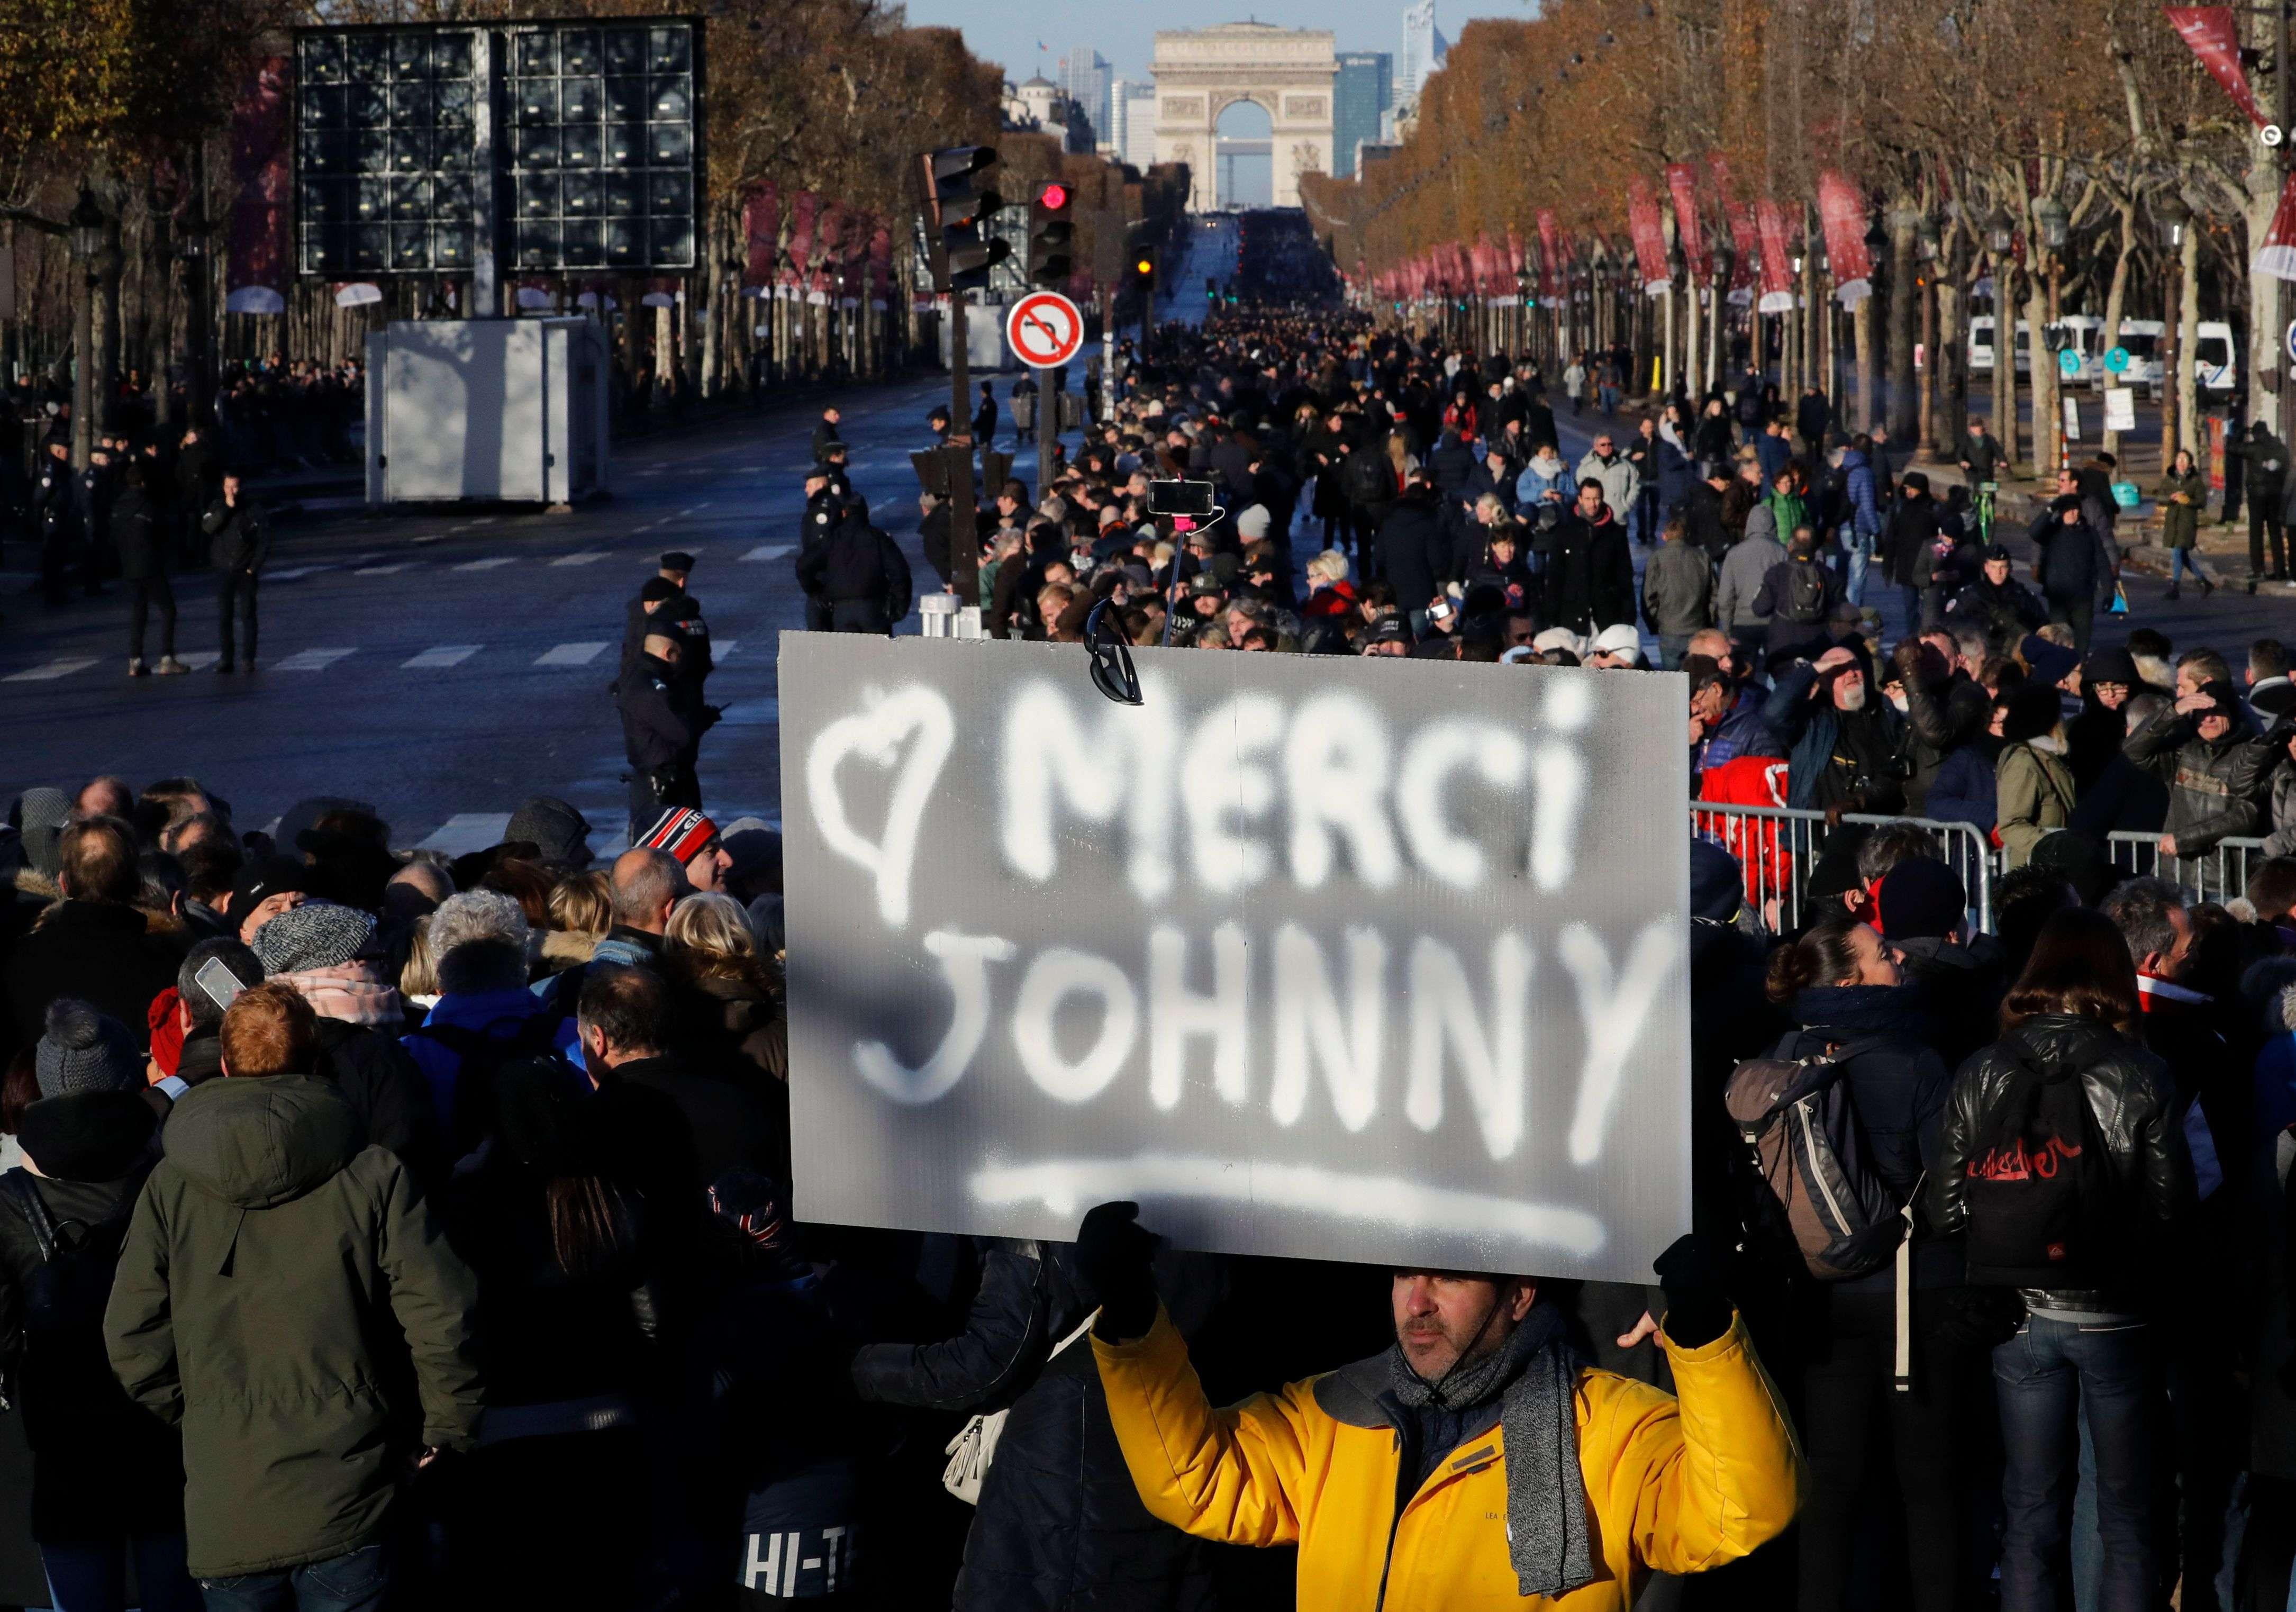 L'hommage populaire a commencé en haut des Champs-Elysées, place de l'Etoile, où s'étaient rassemblées des milliers de personnes.